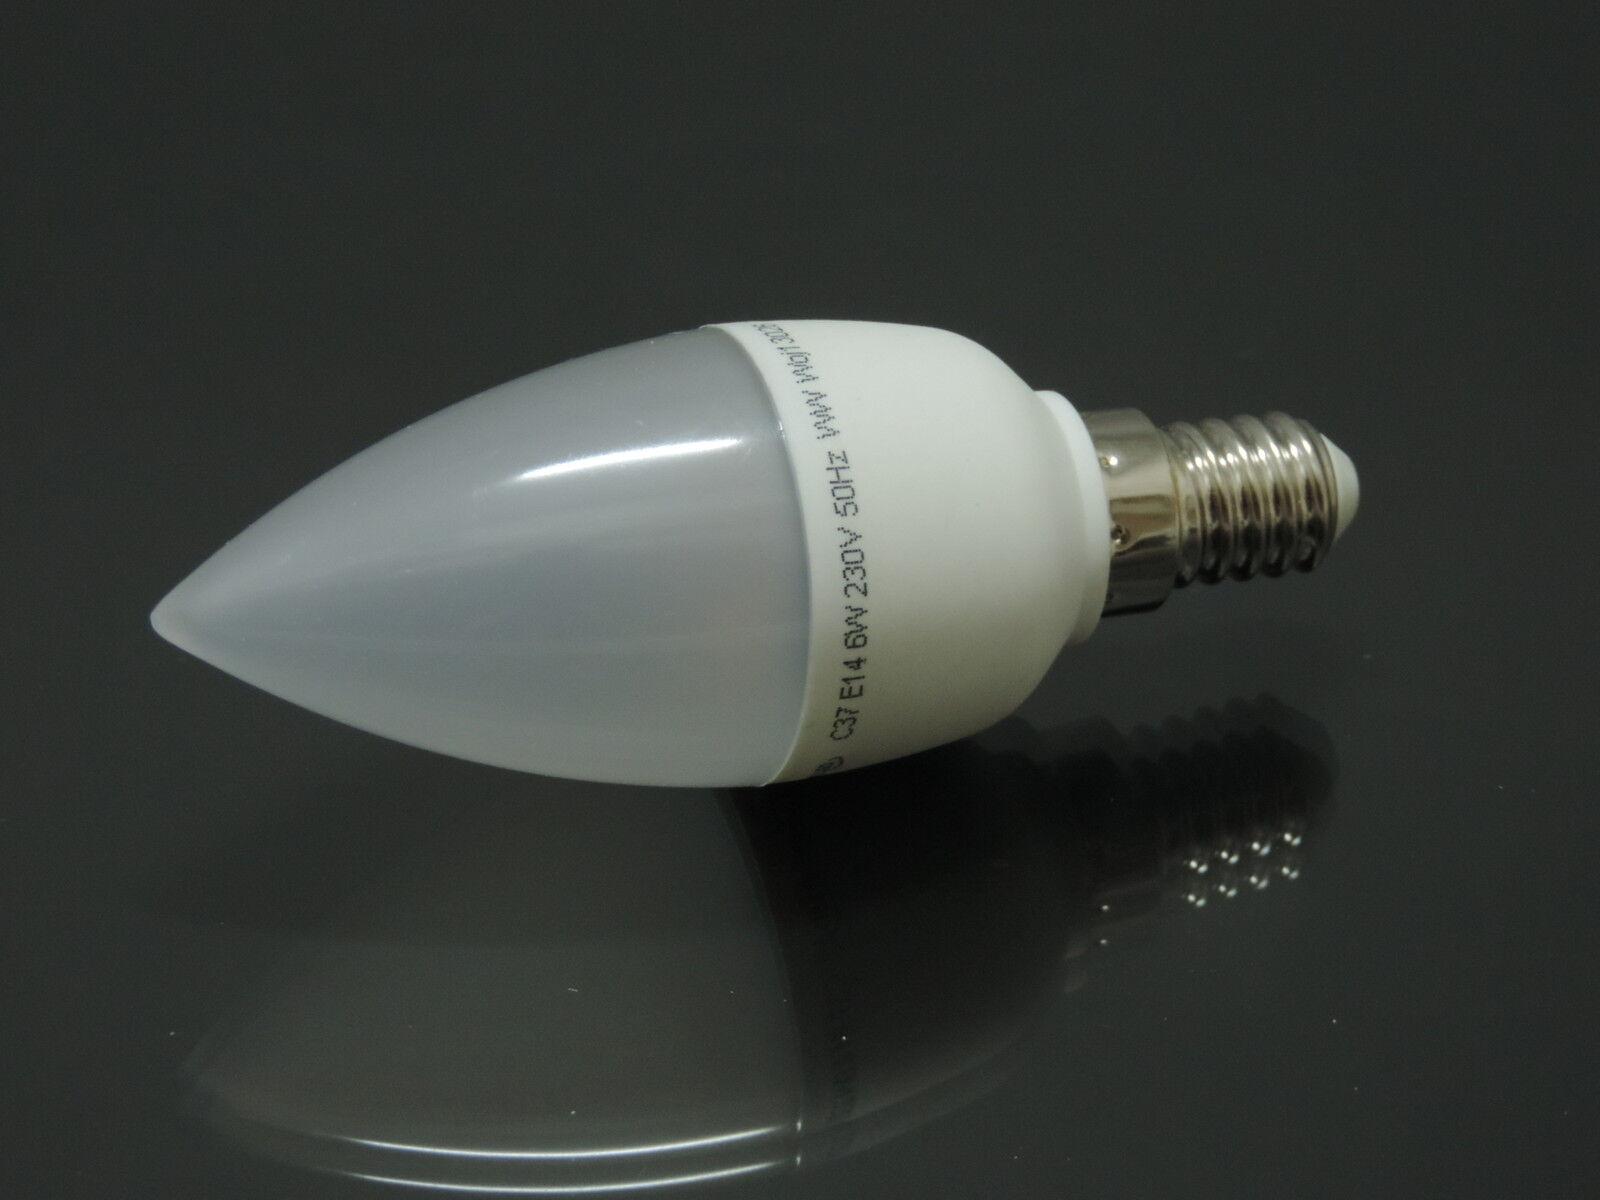 Led Kerzen Lampe E14 6Watt 480-500 Lumen warmweiß kaltweiß